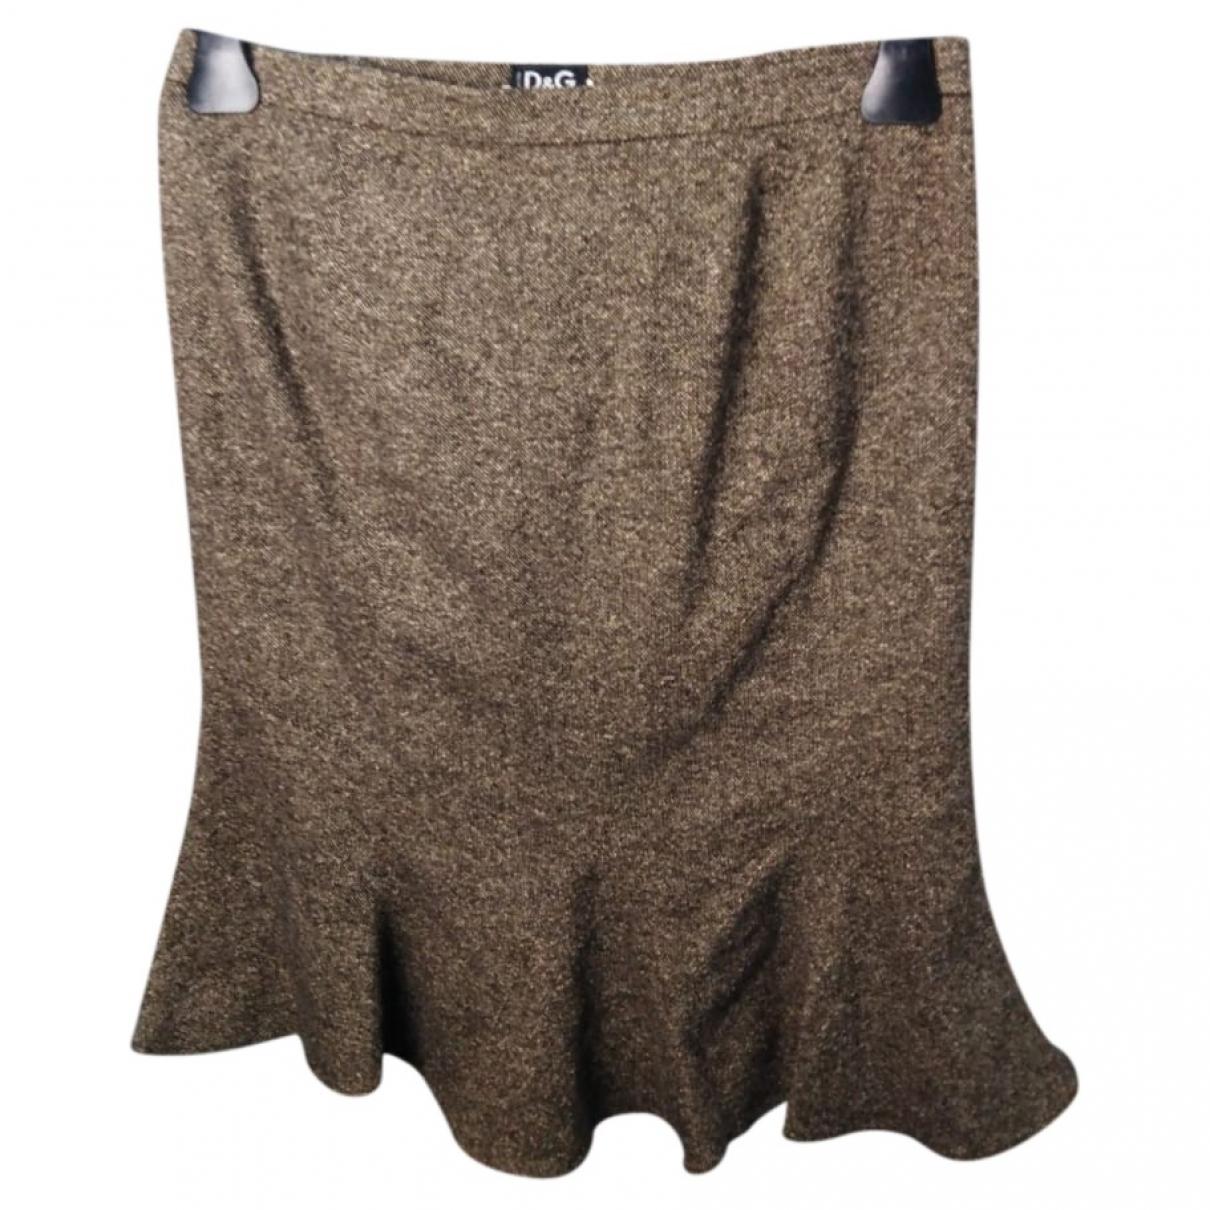 D&g - Jupe   pour femme en laine - marron